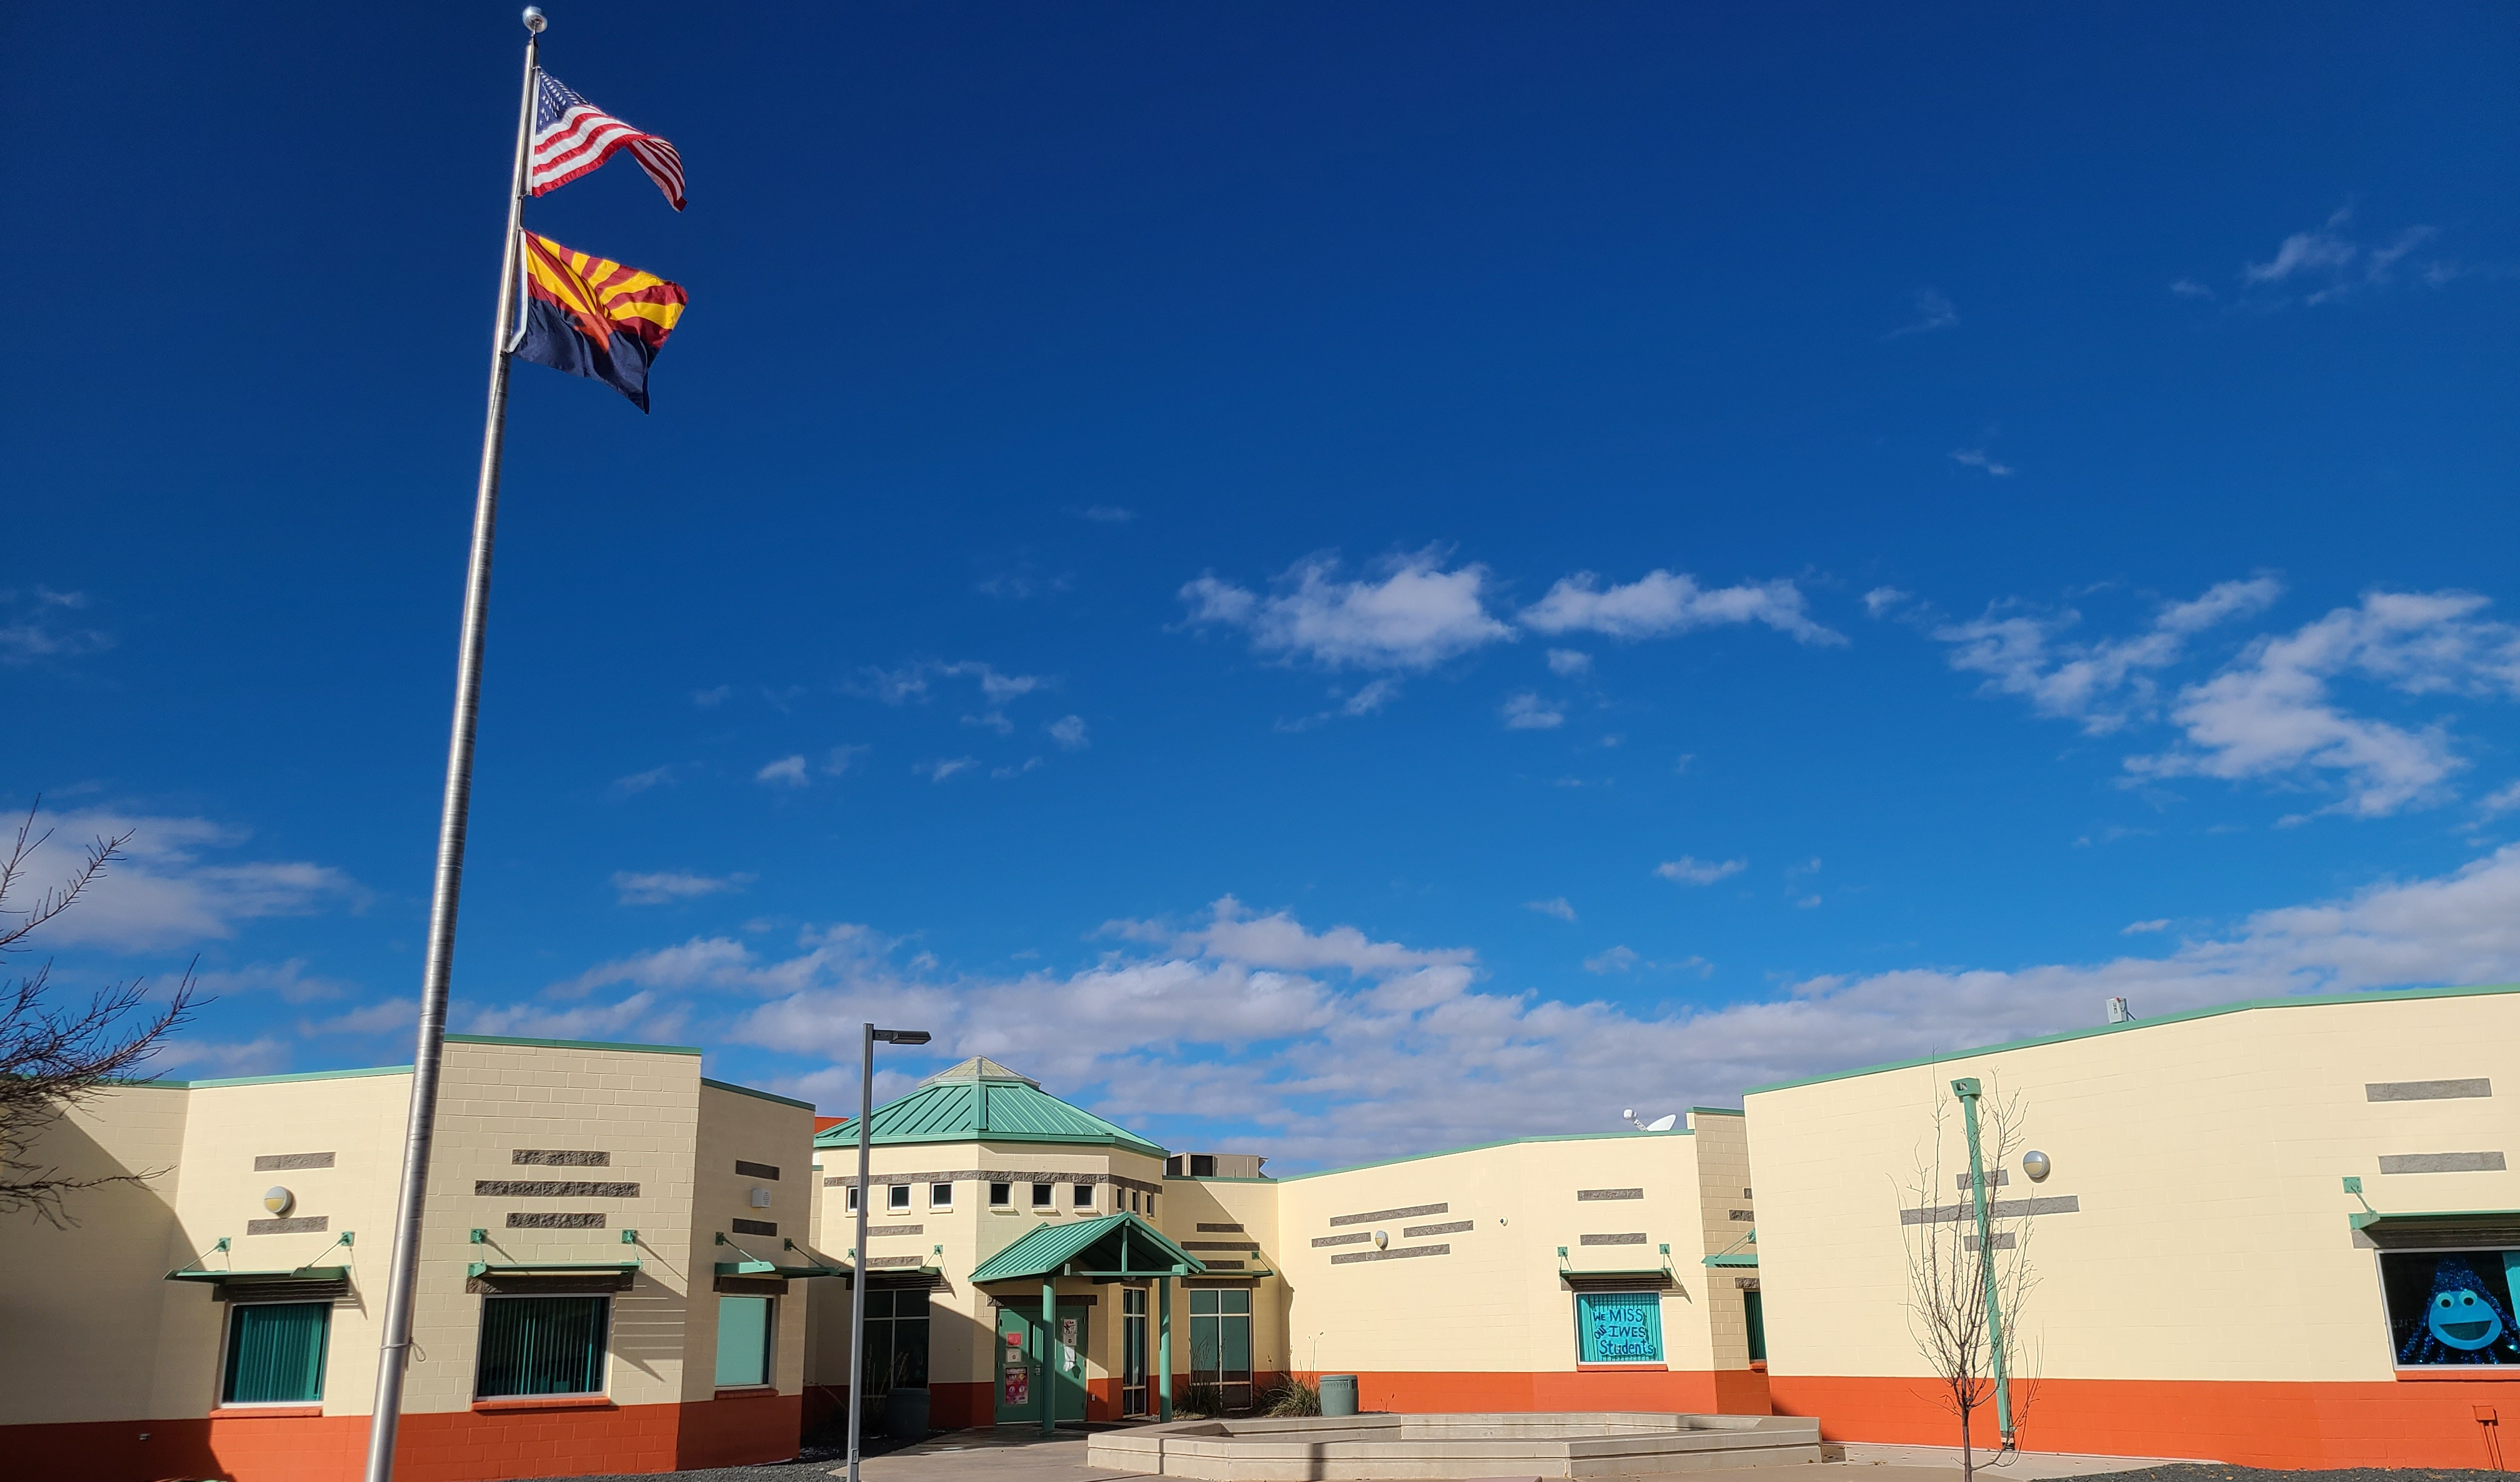 Indian Wells Elementary School